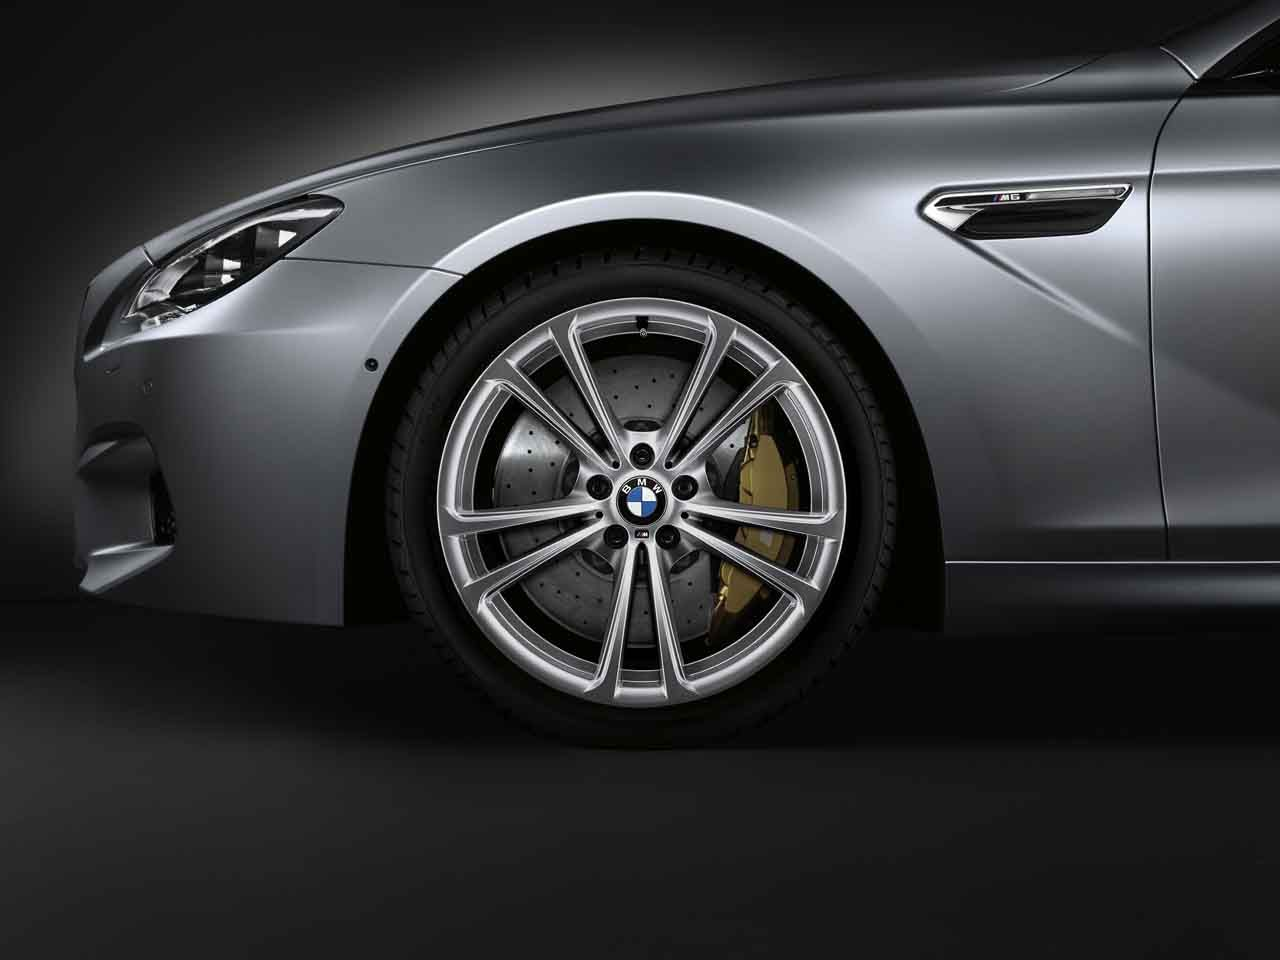 BMW M6 Grand Coupé, Winter complete wheel sets 19'', Double-spoke 409M